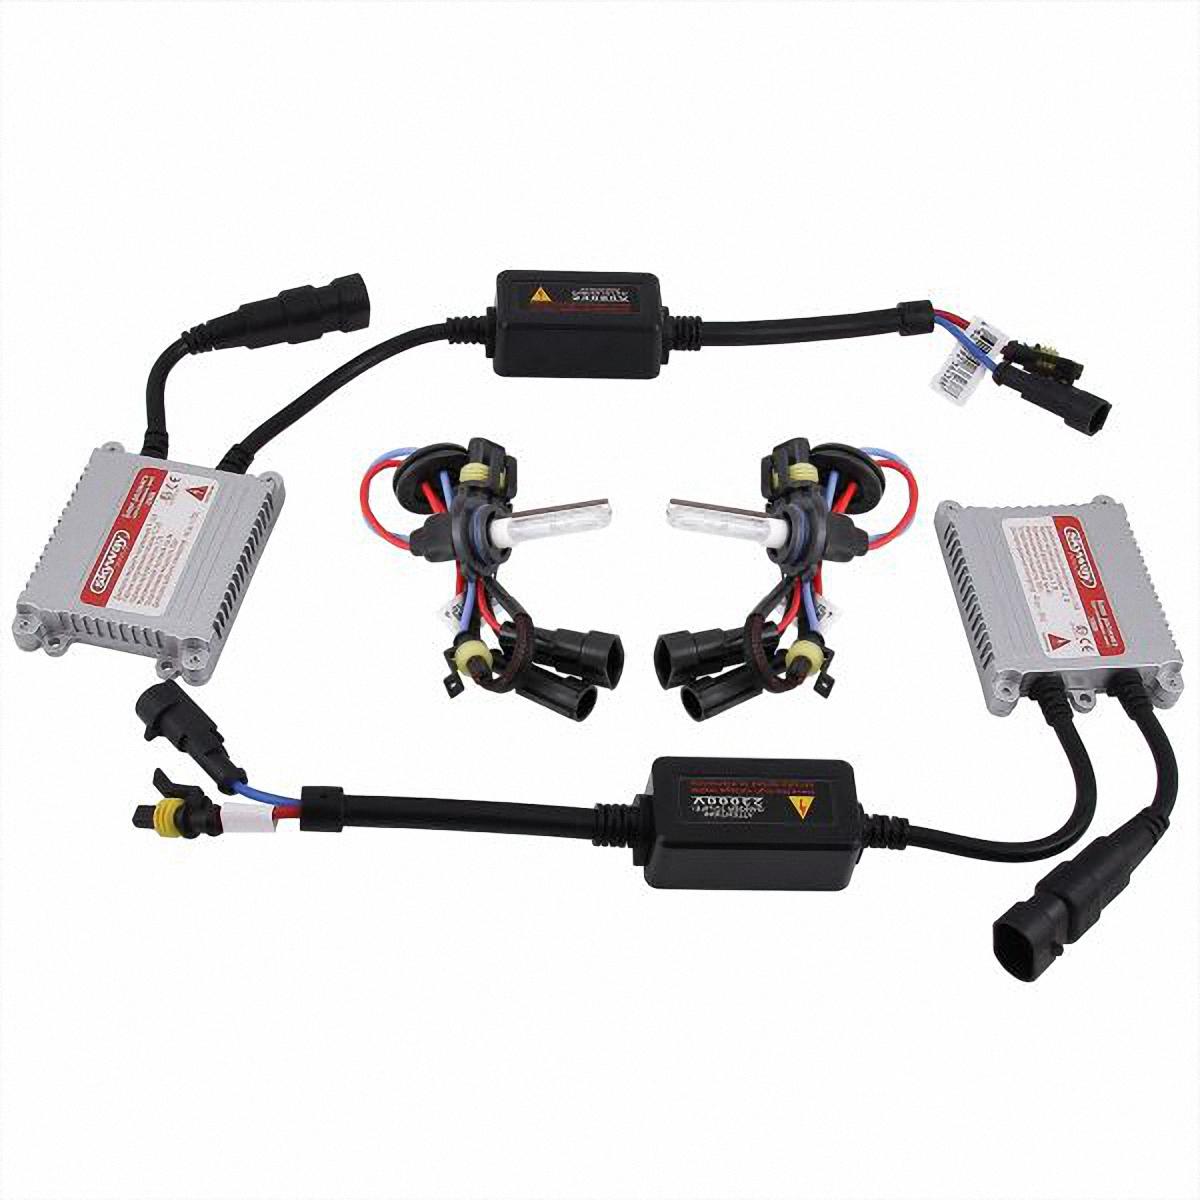 Skyway Автолампа ксенон 9006. S9006 4300K D13 12V35W10503Комплектация: Лампа газоразрядная ксеноновая – 2 шт. Блок розжига – 2шт. Винты для блока розжига – 6 шт. Гарантийный талон – 1 шт. Инструкция – 1 шт.